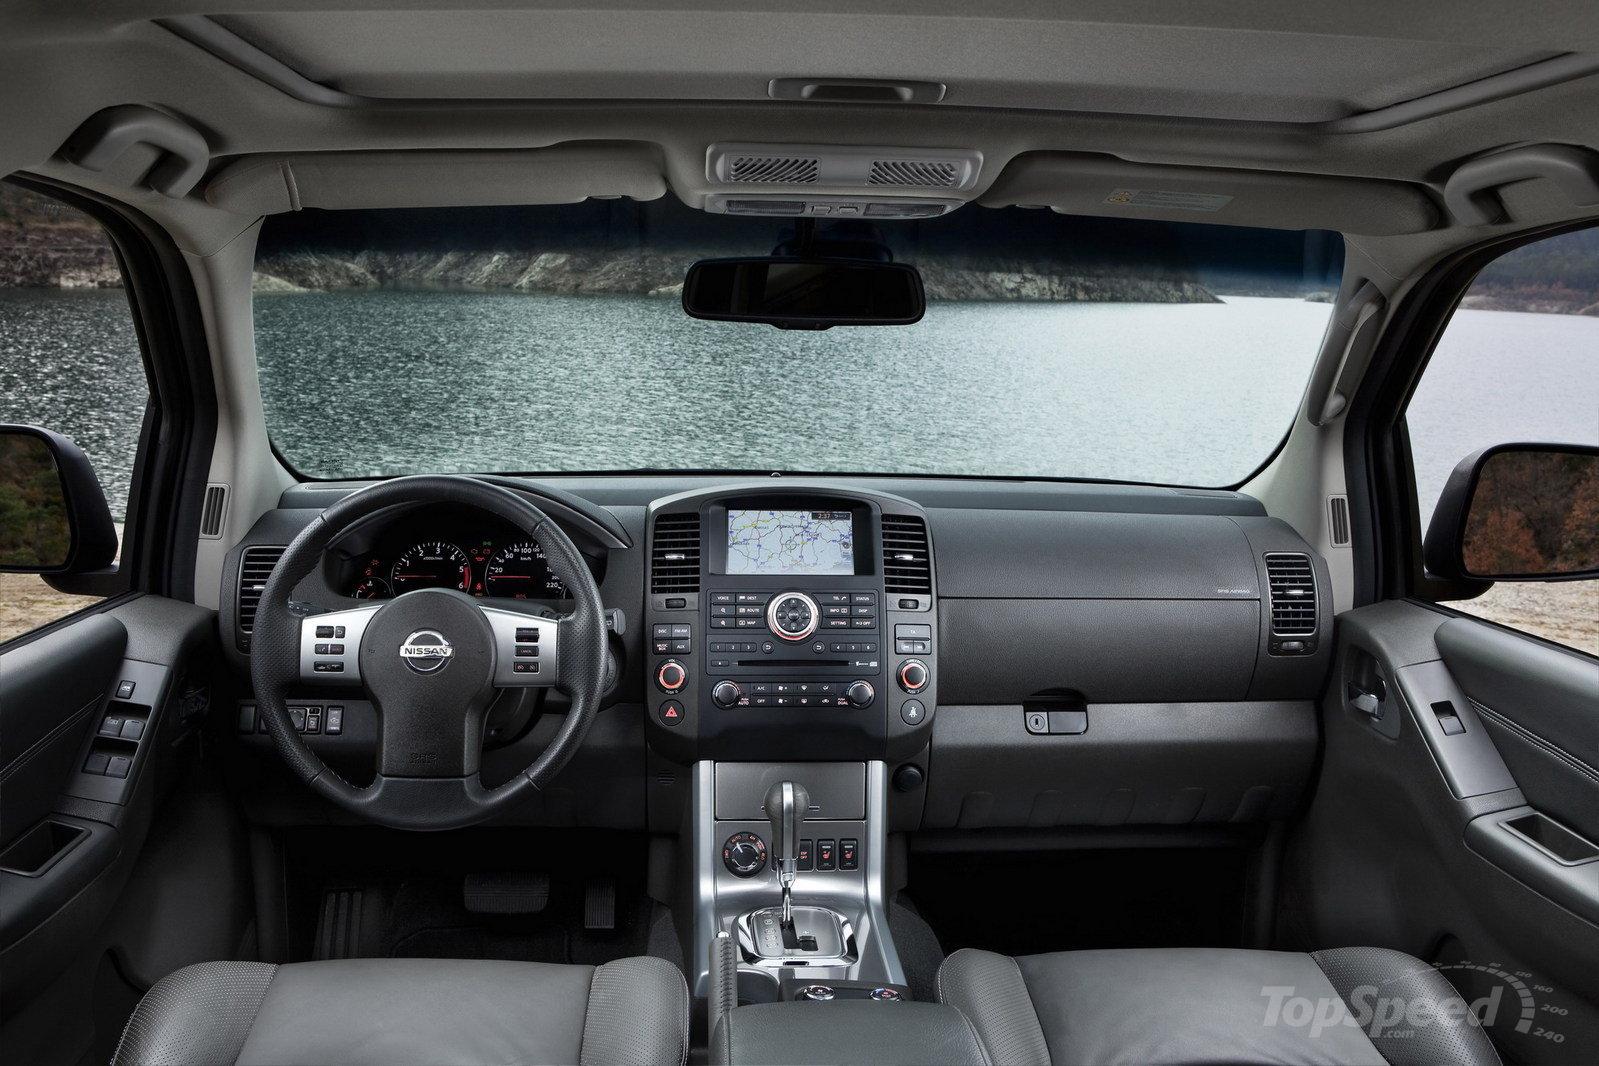 2011 Nissan Pathfinder Interior  JCWhitney